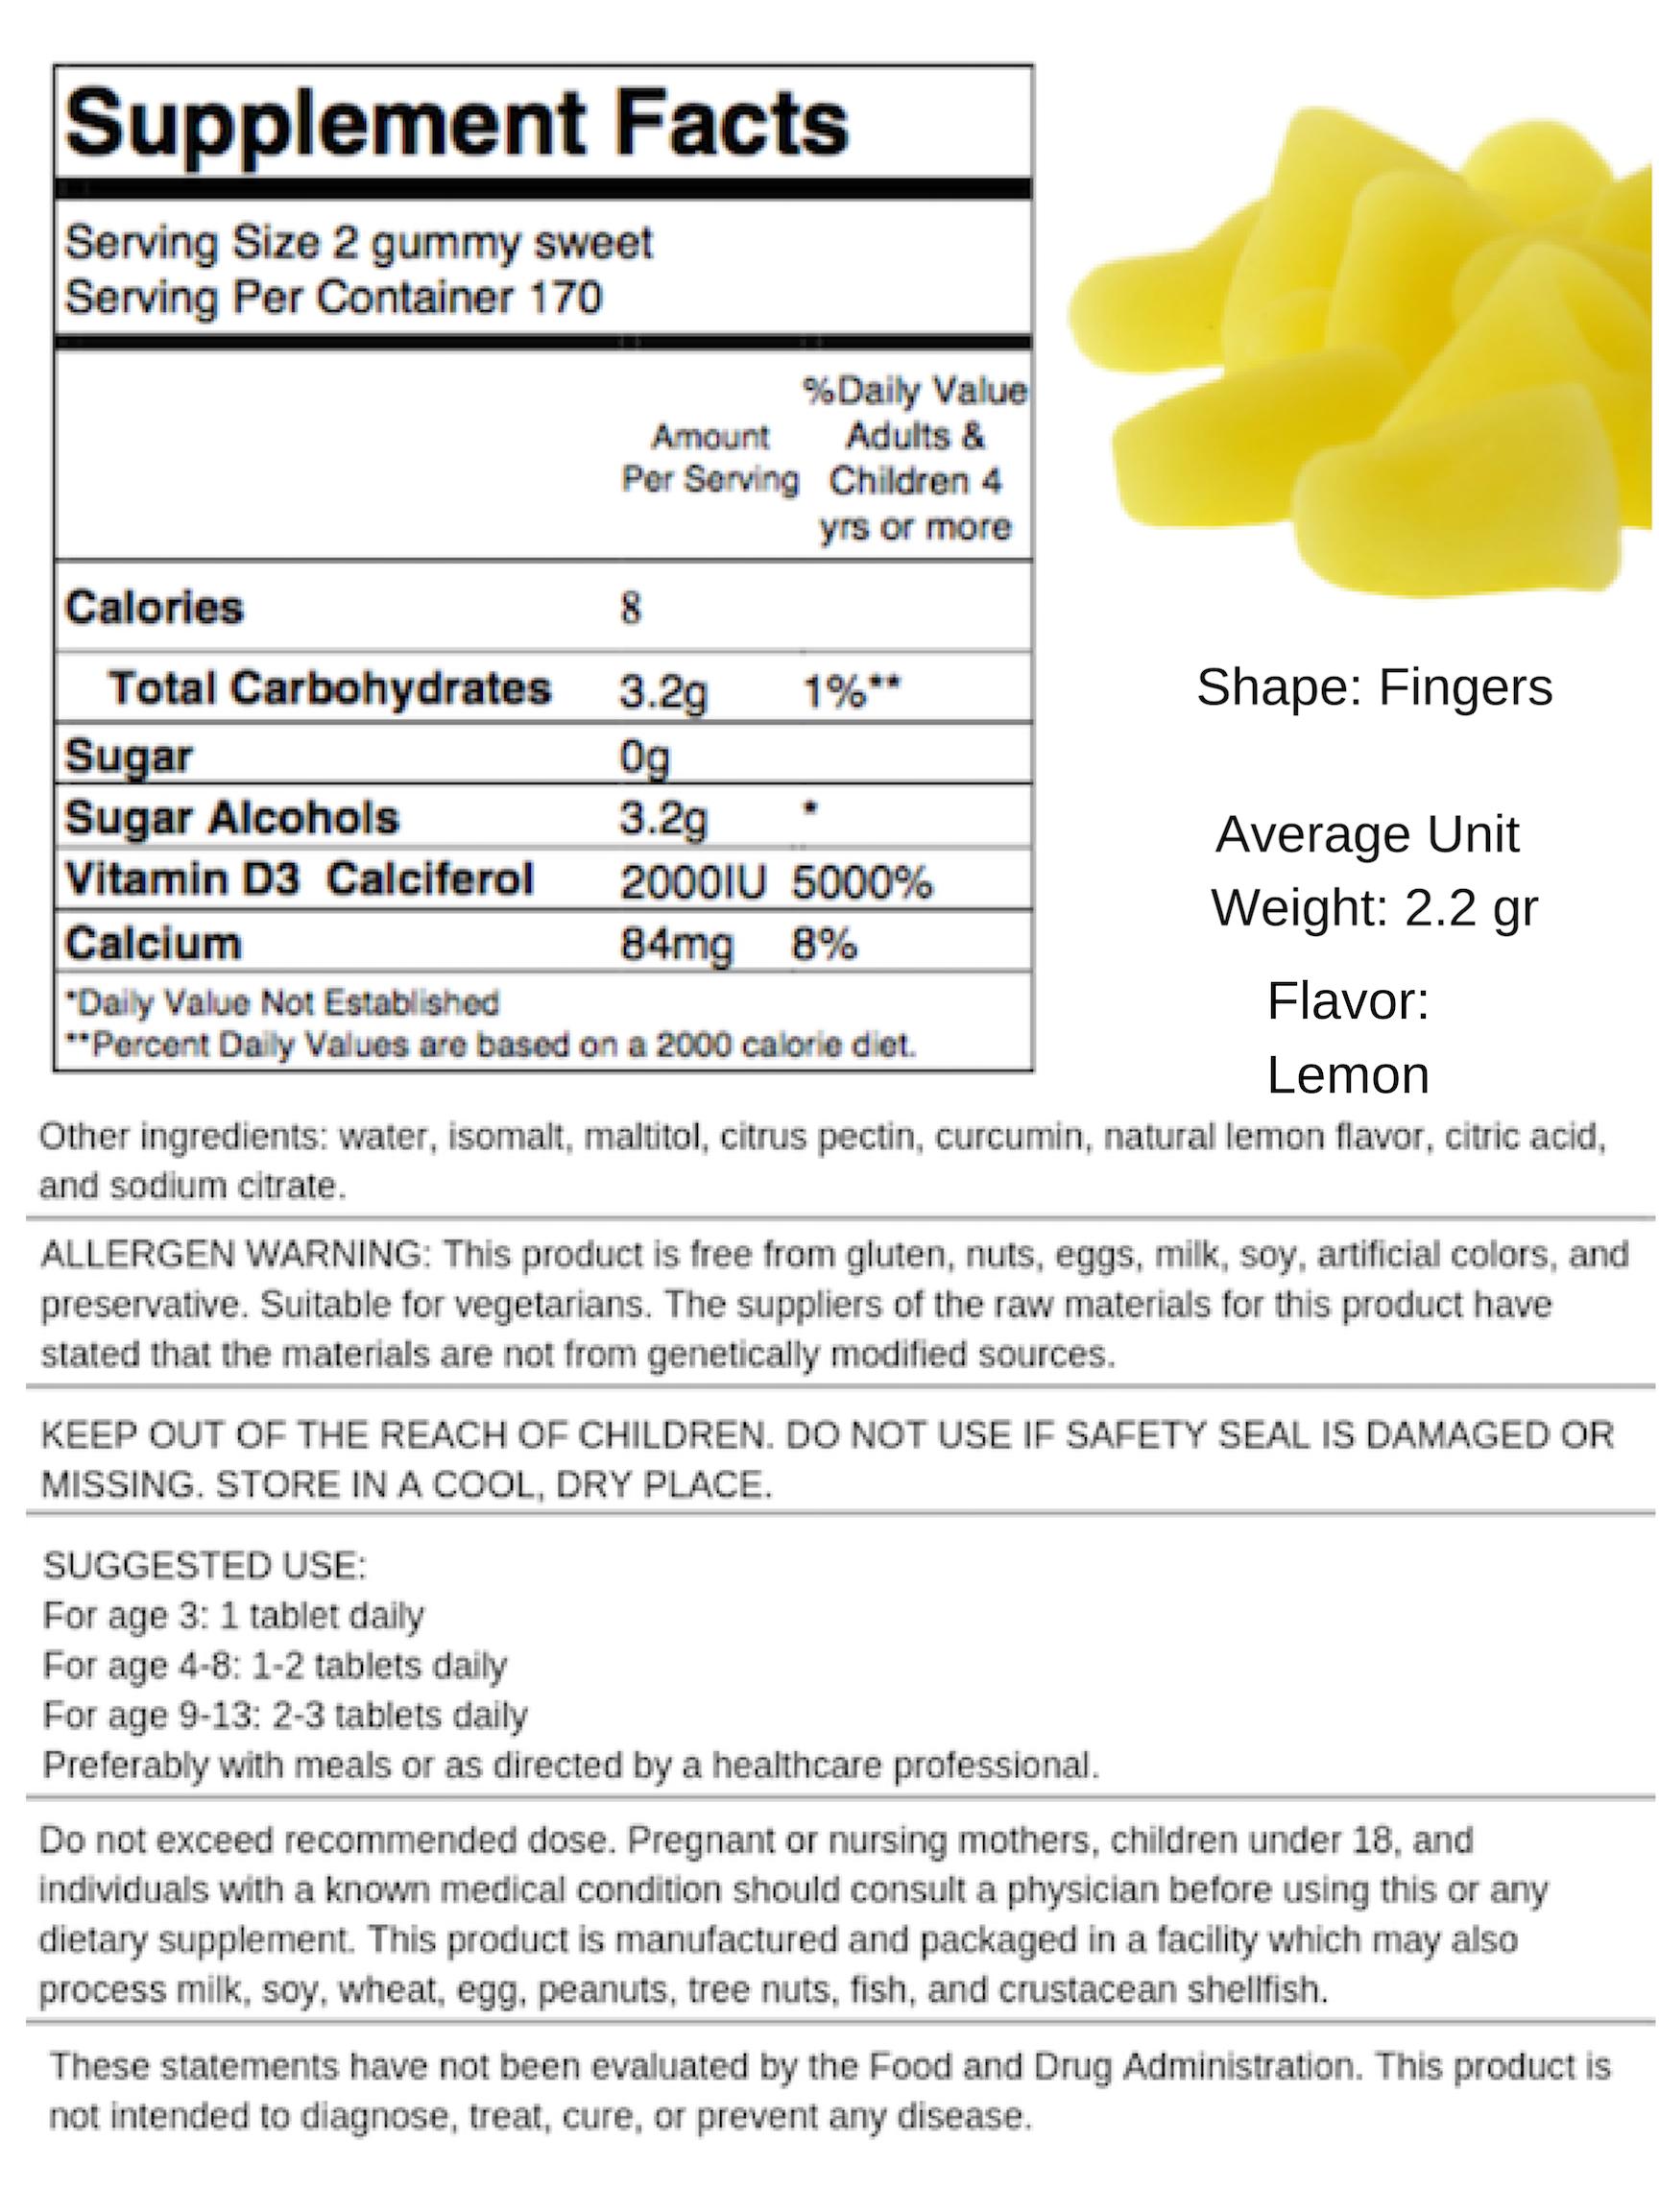 Vitamin D with Calcium - Lemon